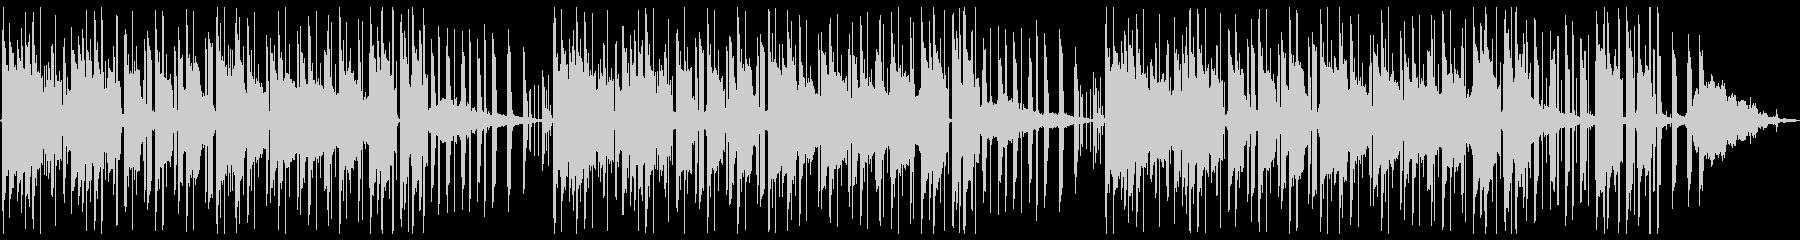 ピアノ_HipHopの未再生の波形